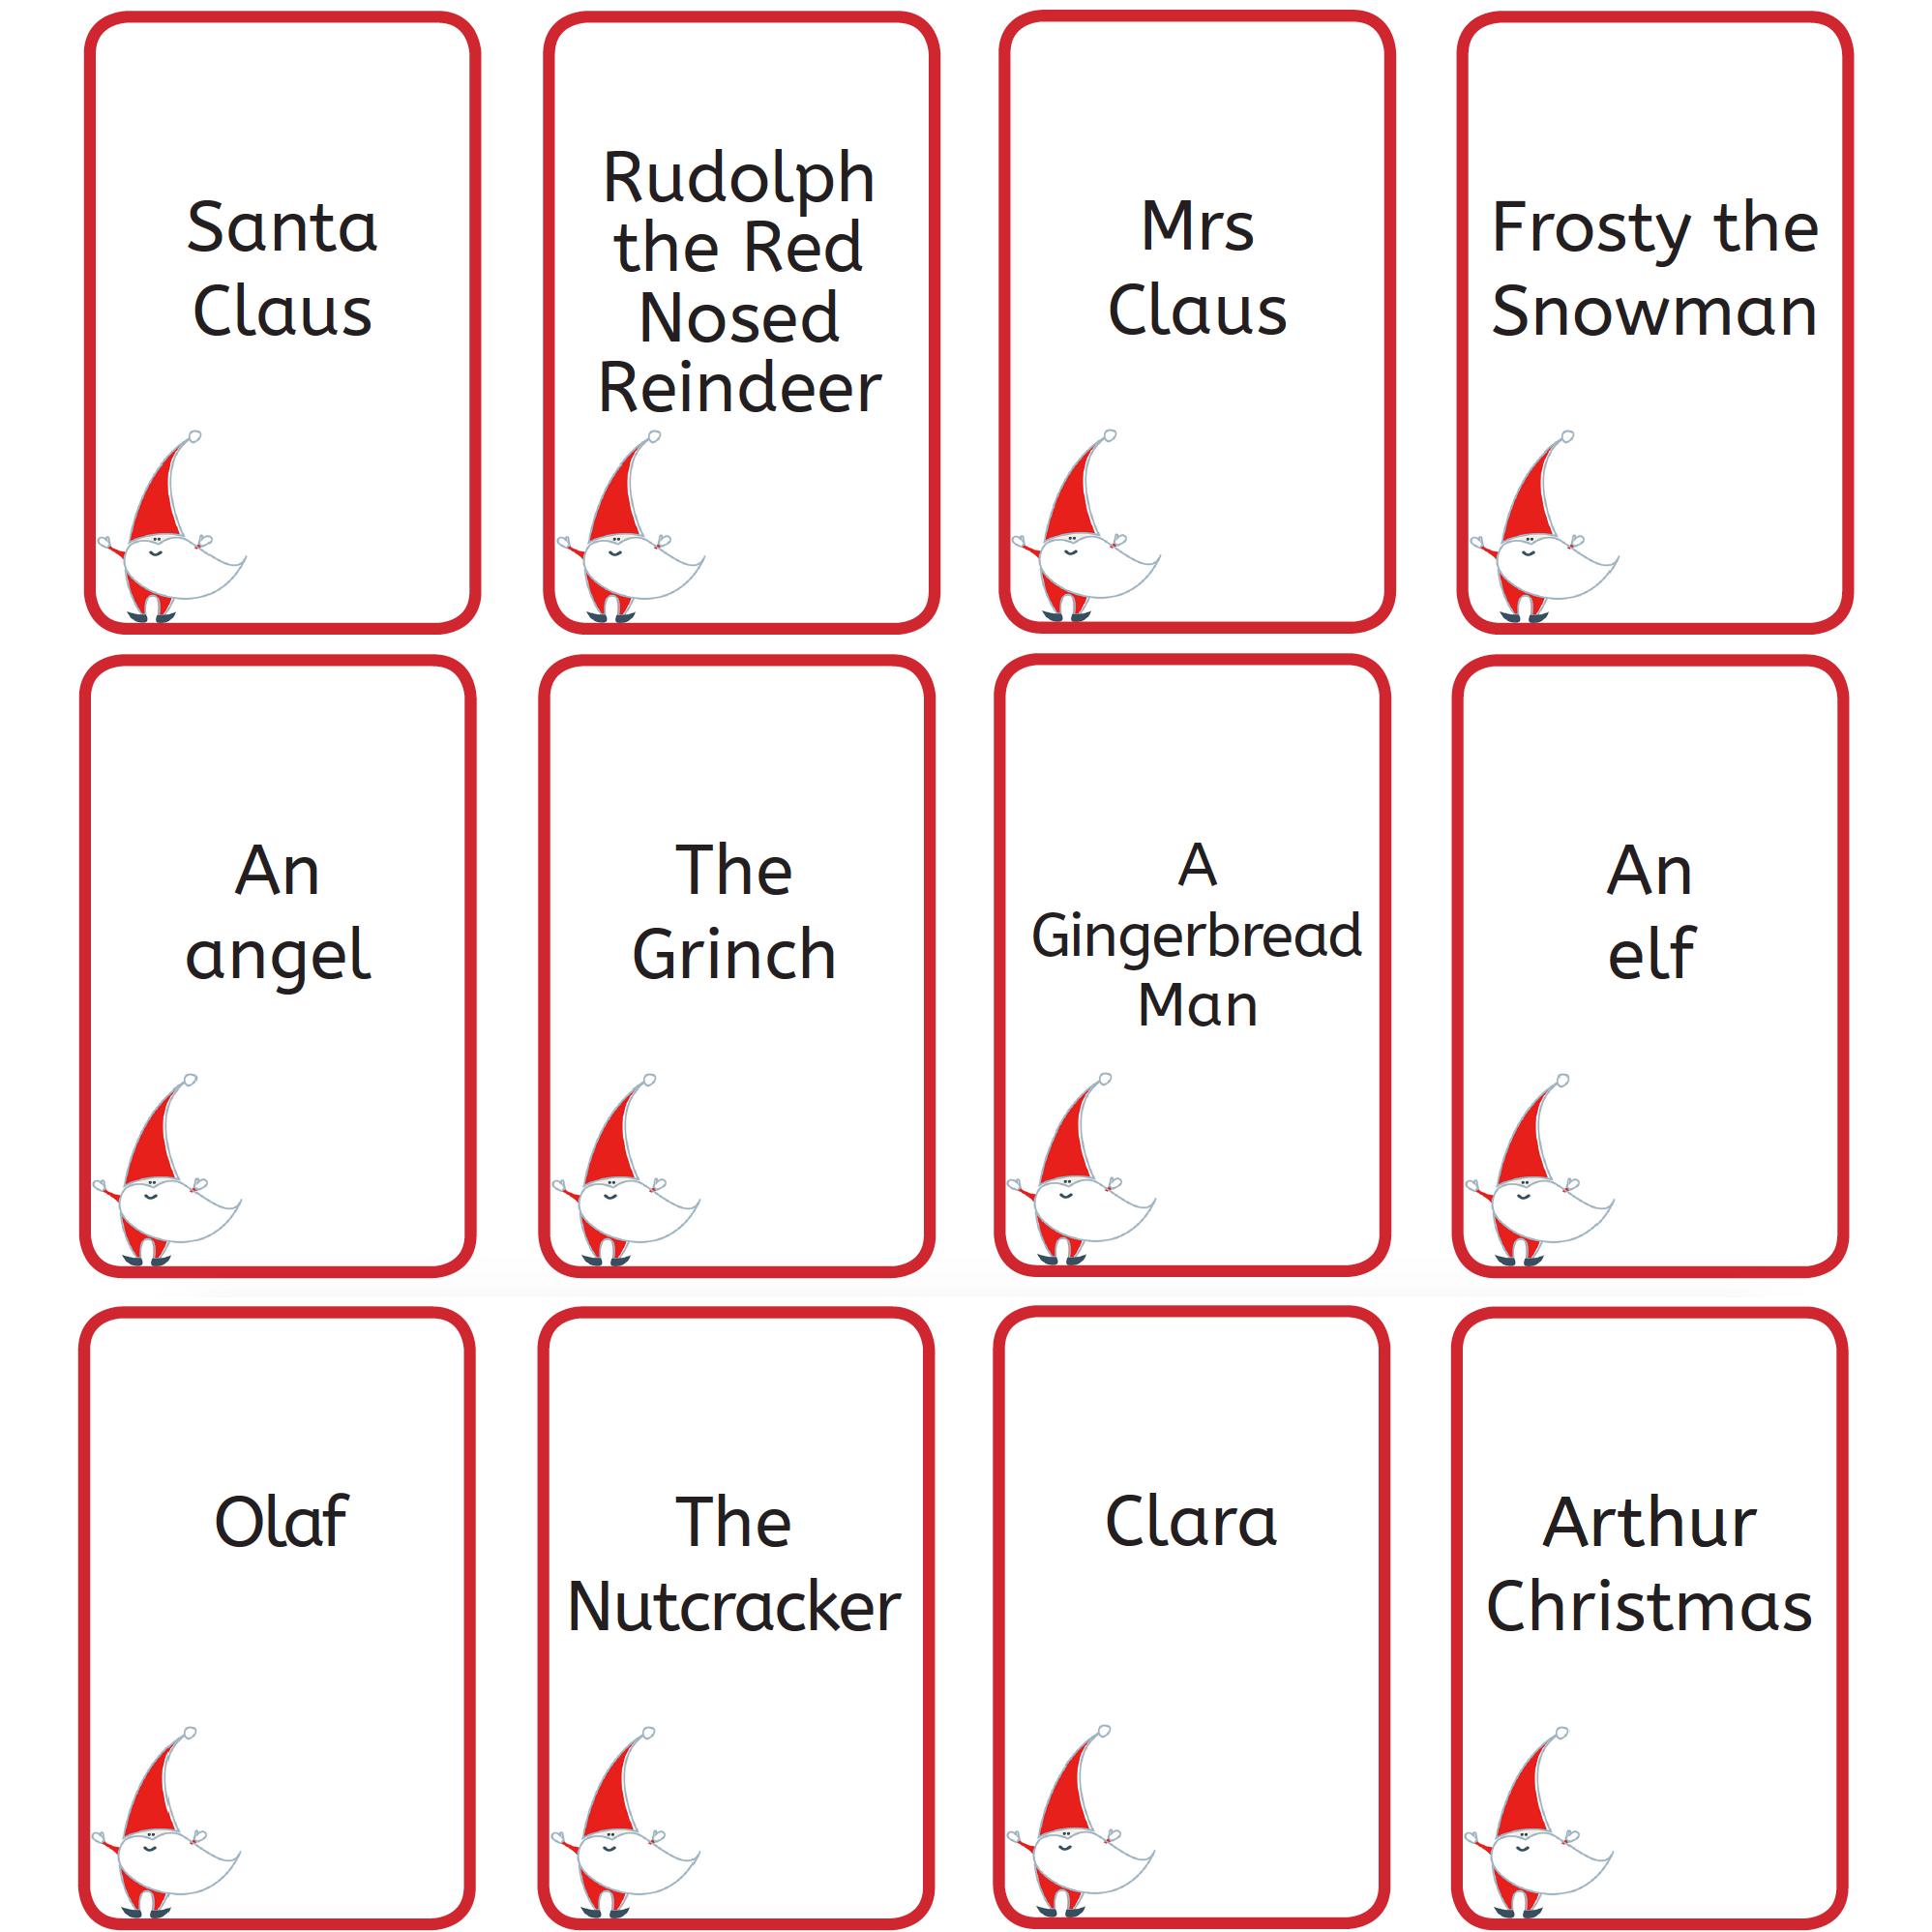 Free Printable Christmas Games: Christmas Who Am I? - Free Printable Christmas Games For Preschoolers